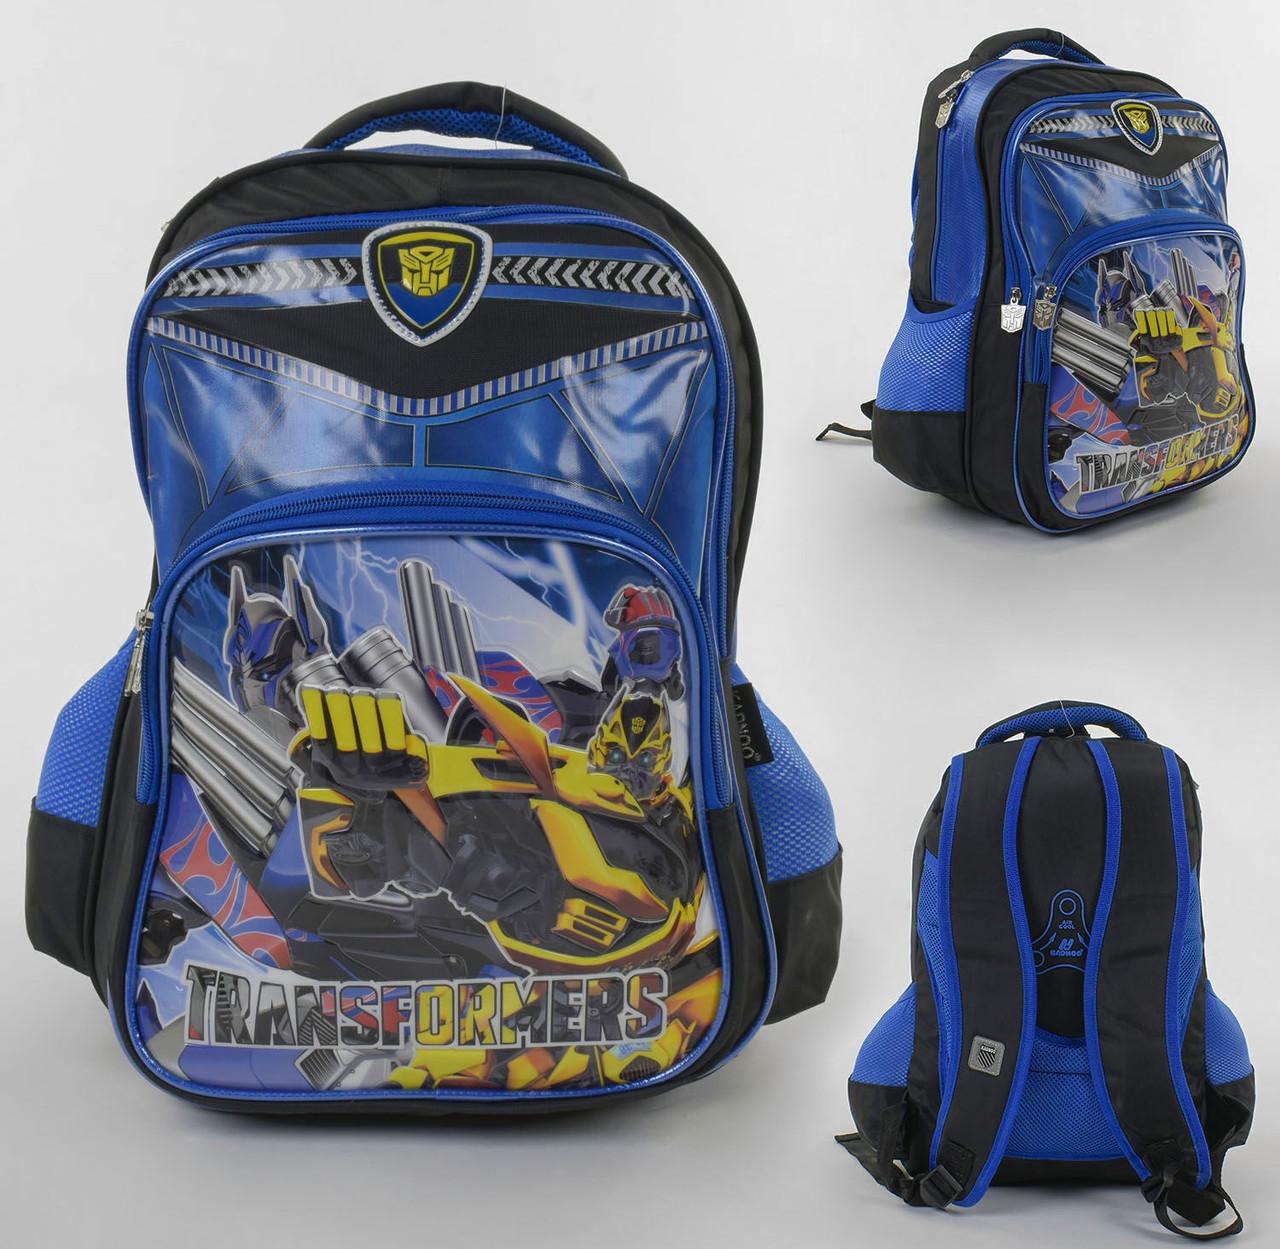 Рюкзак детский школьный Transformers С 43627 с 3 карманами, 3D рисуноком и мягкой спинкой